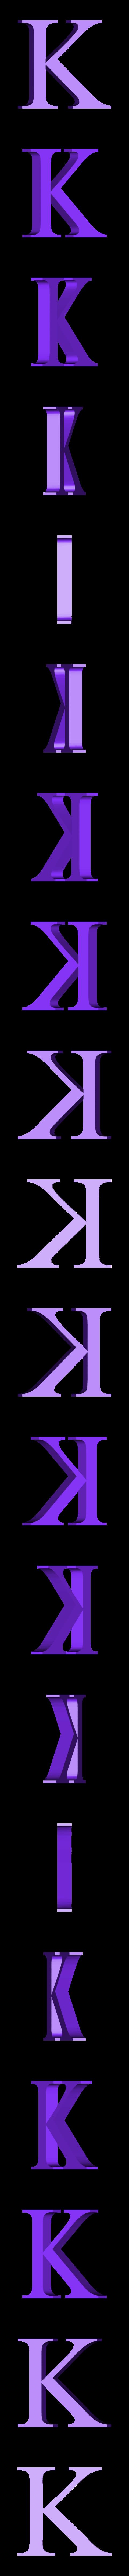 K.STL Télécharger fichier STL gratuit alphabet • Modèle pour imprimante 3D, Cerega